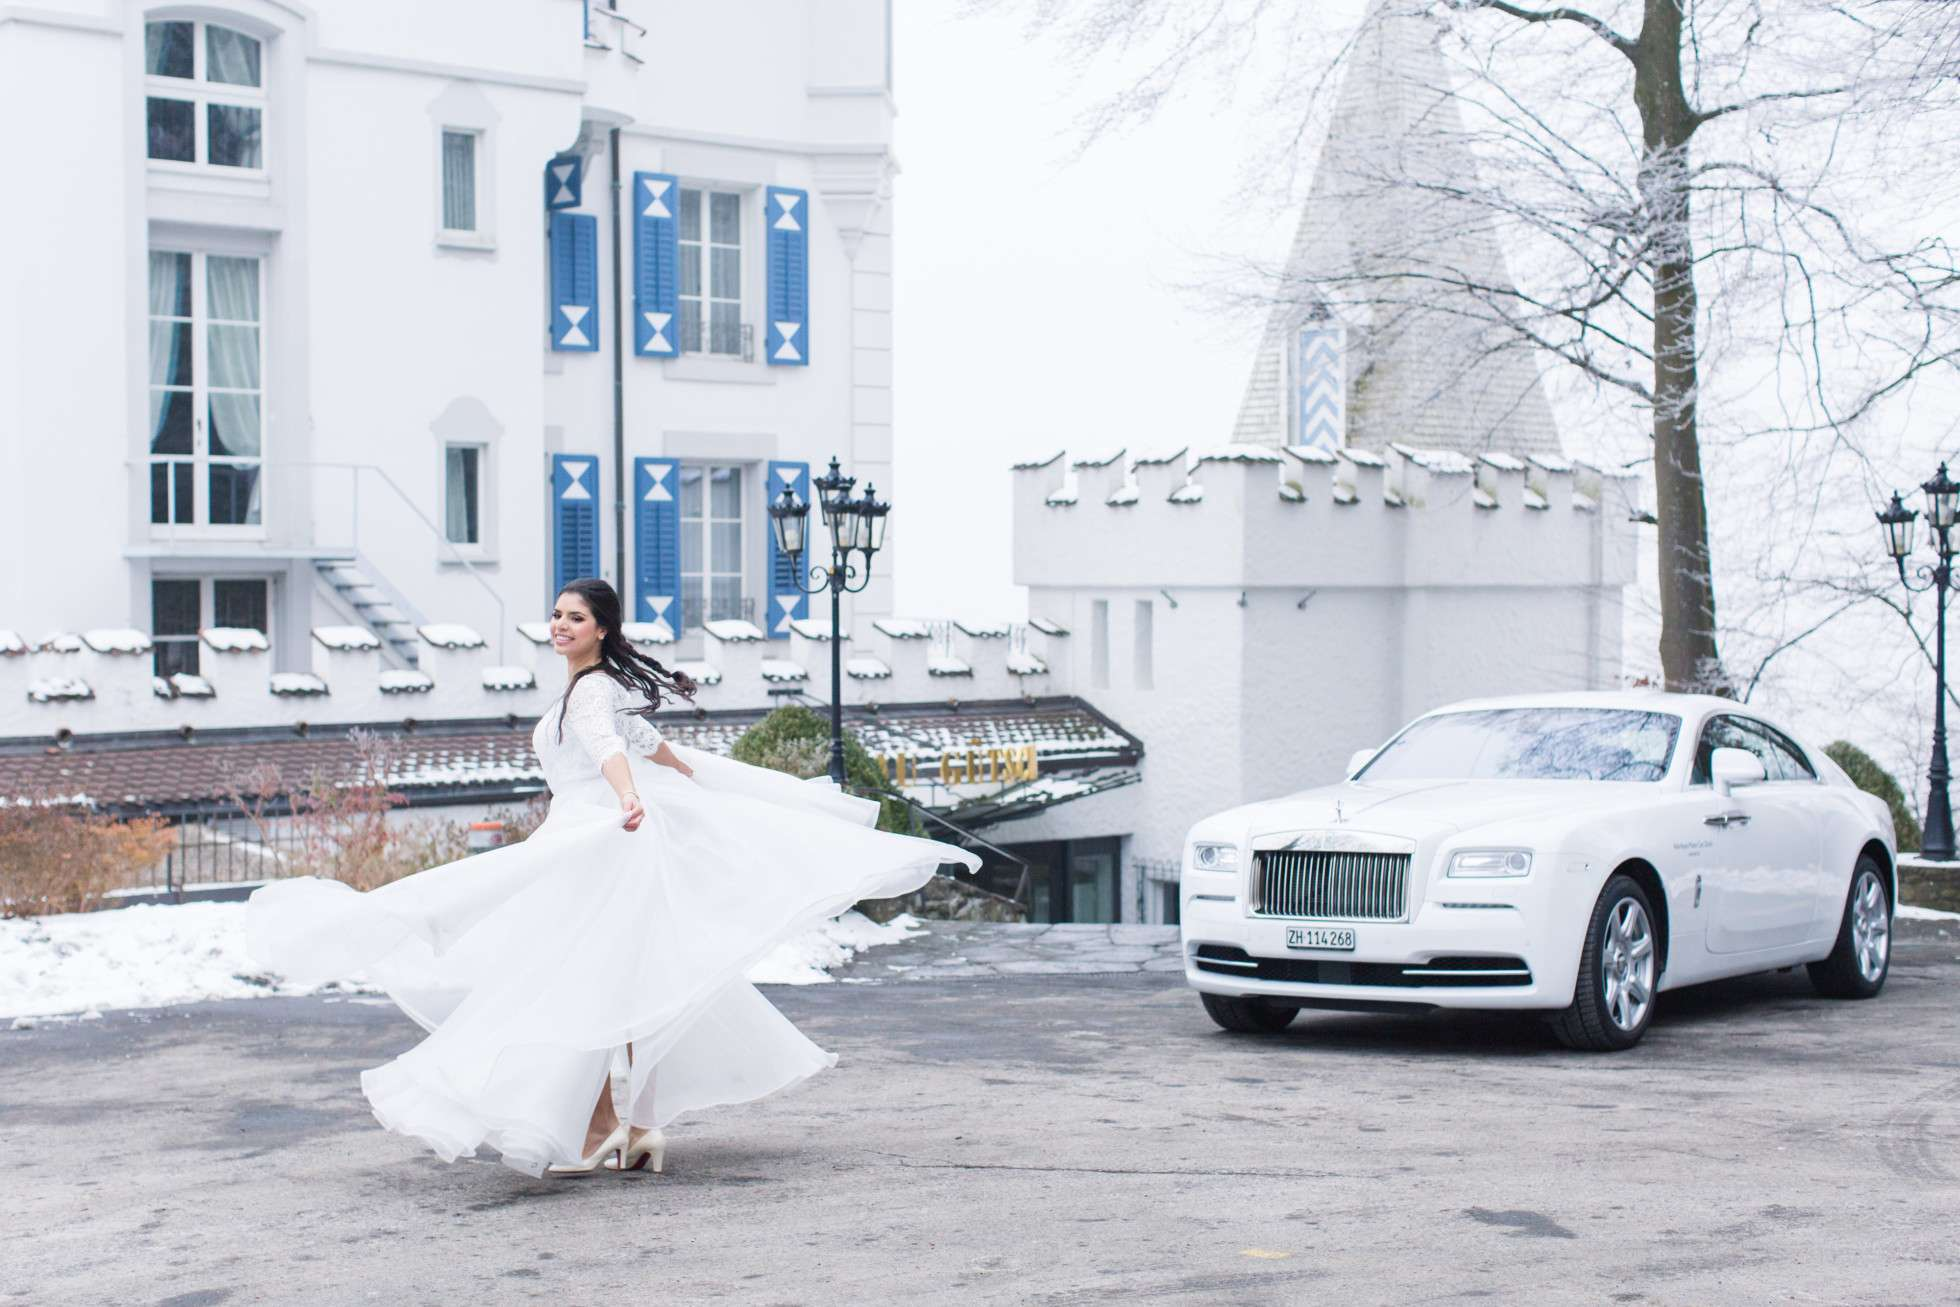 Wedding venue - Marrytale - Weddings & Events - Schweiz